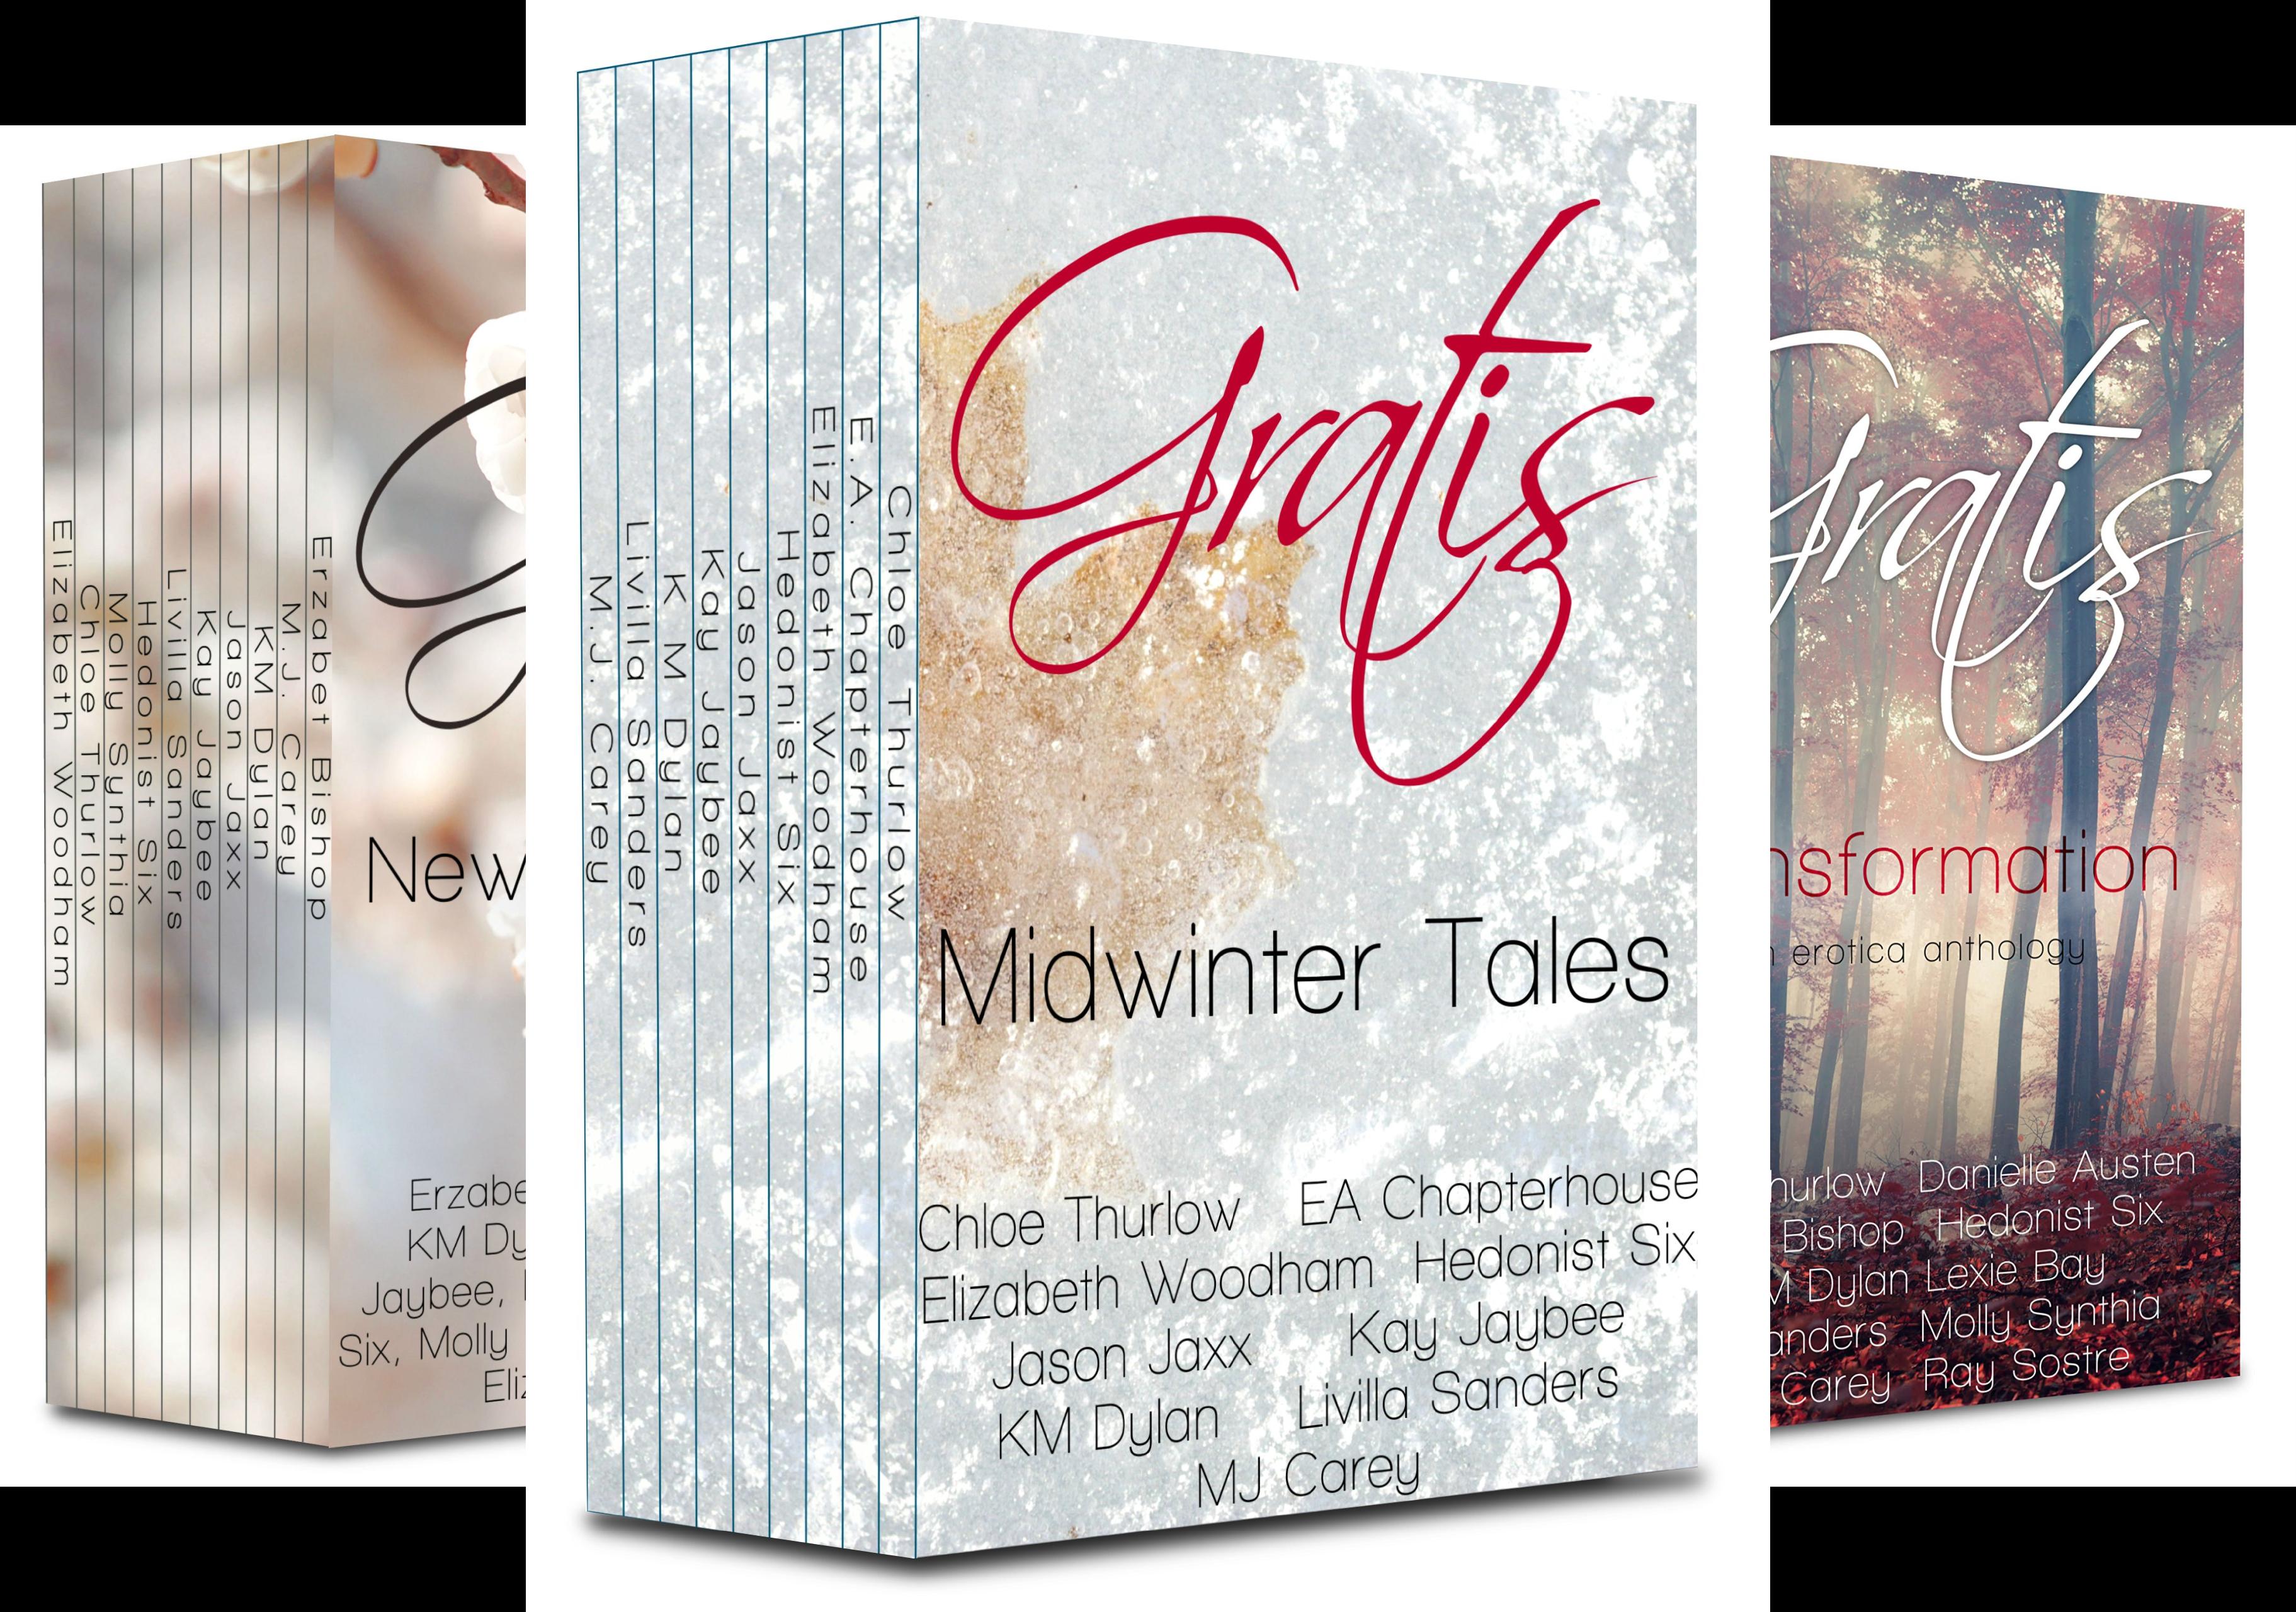 Gratis Anthologies (4 Book Series)